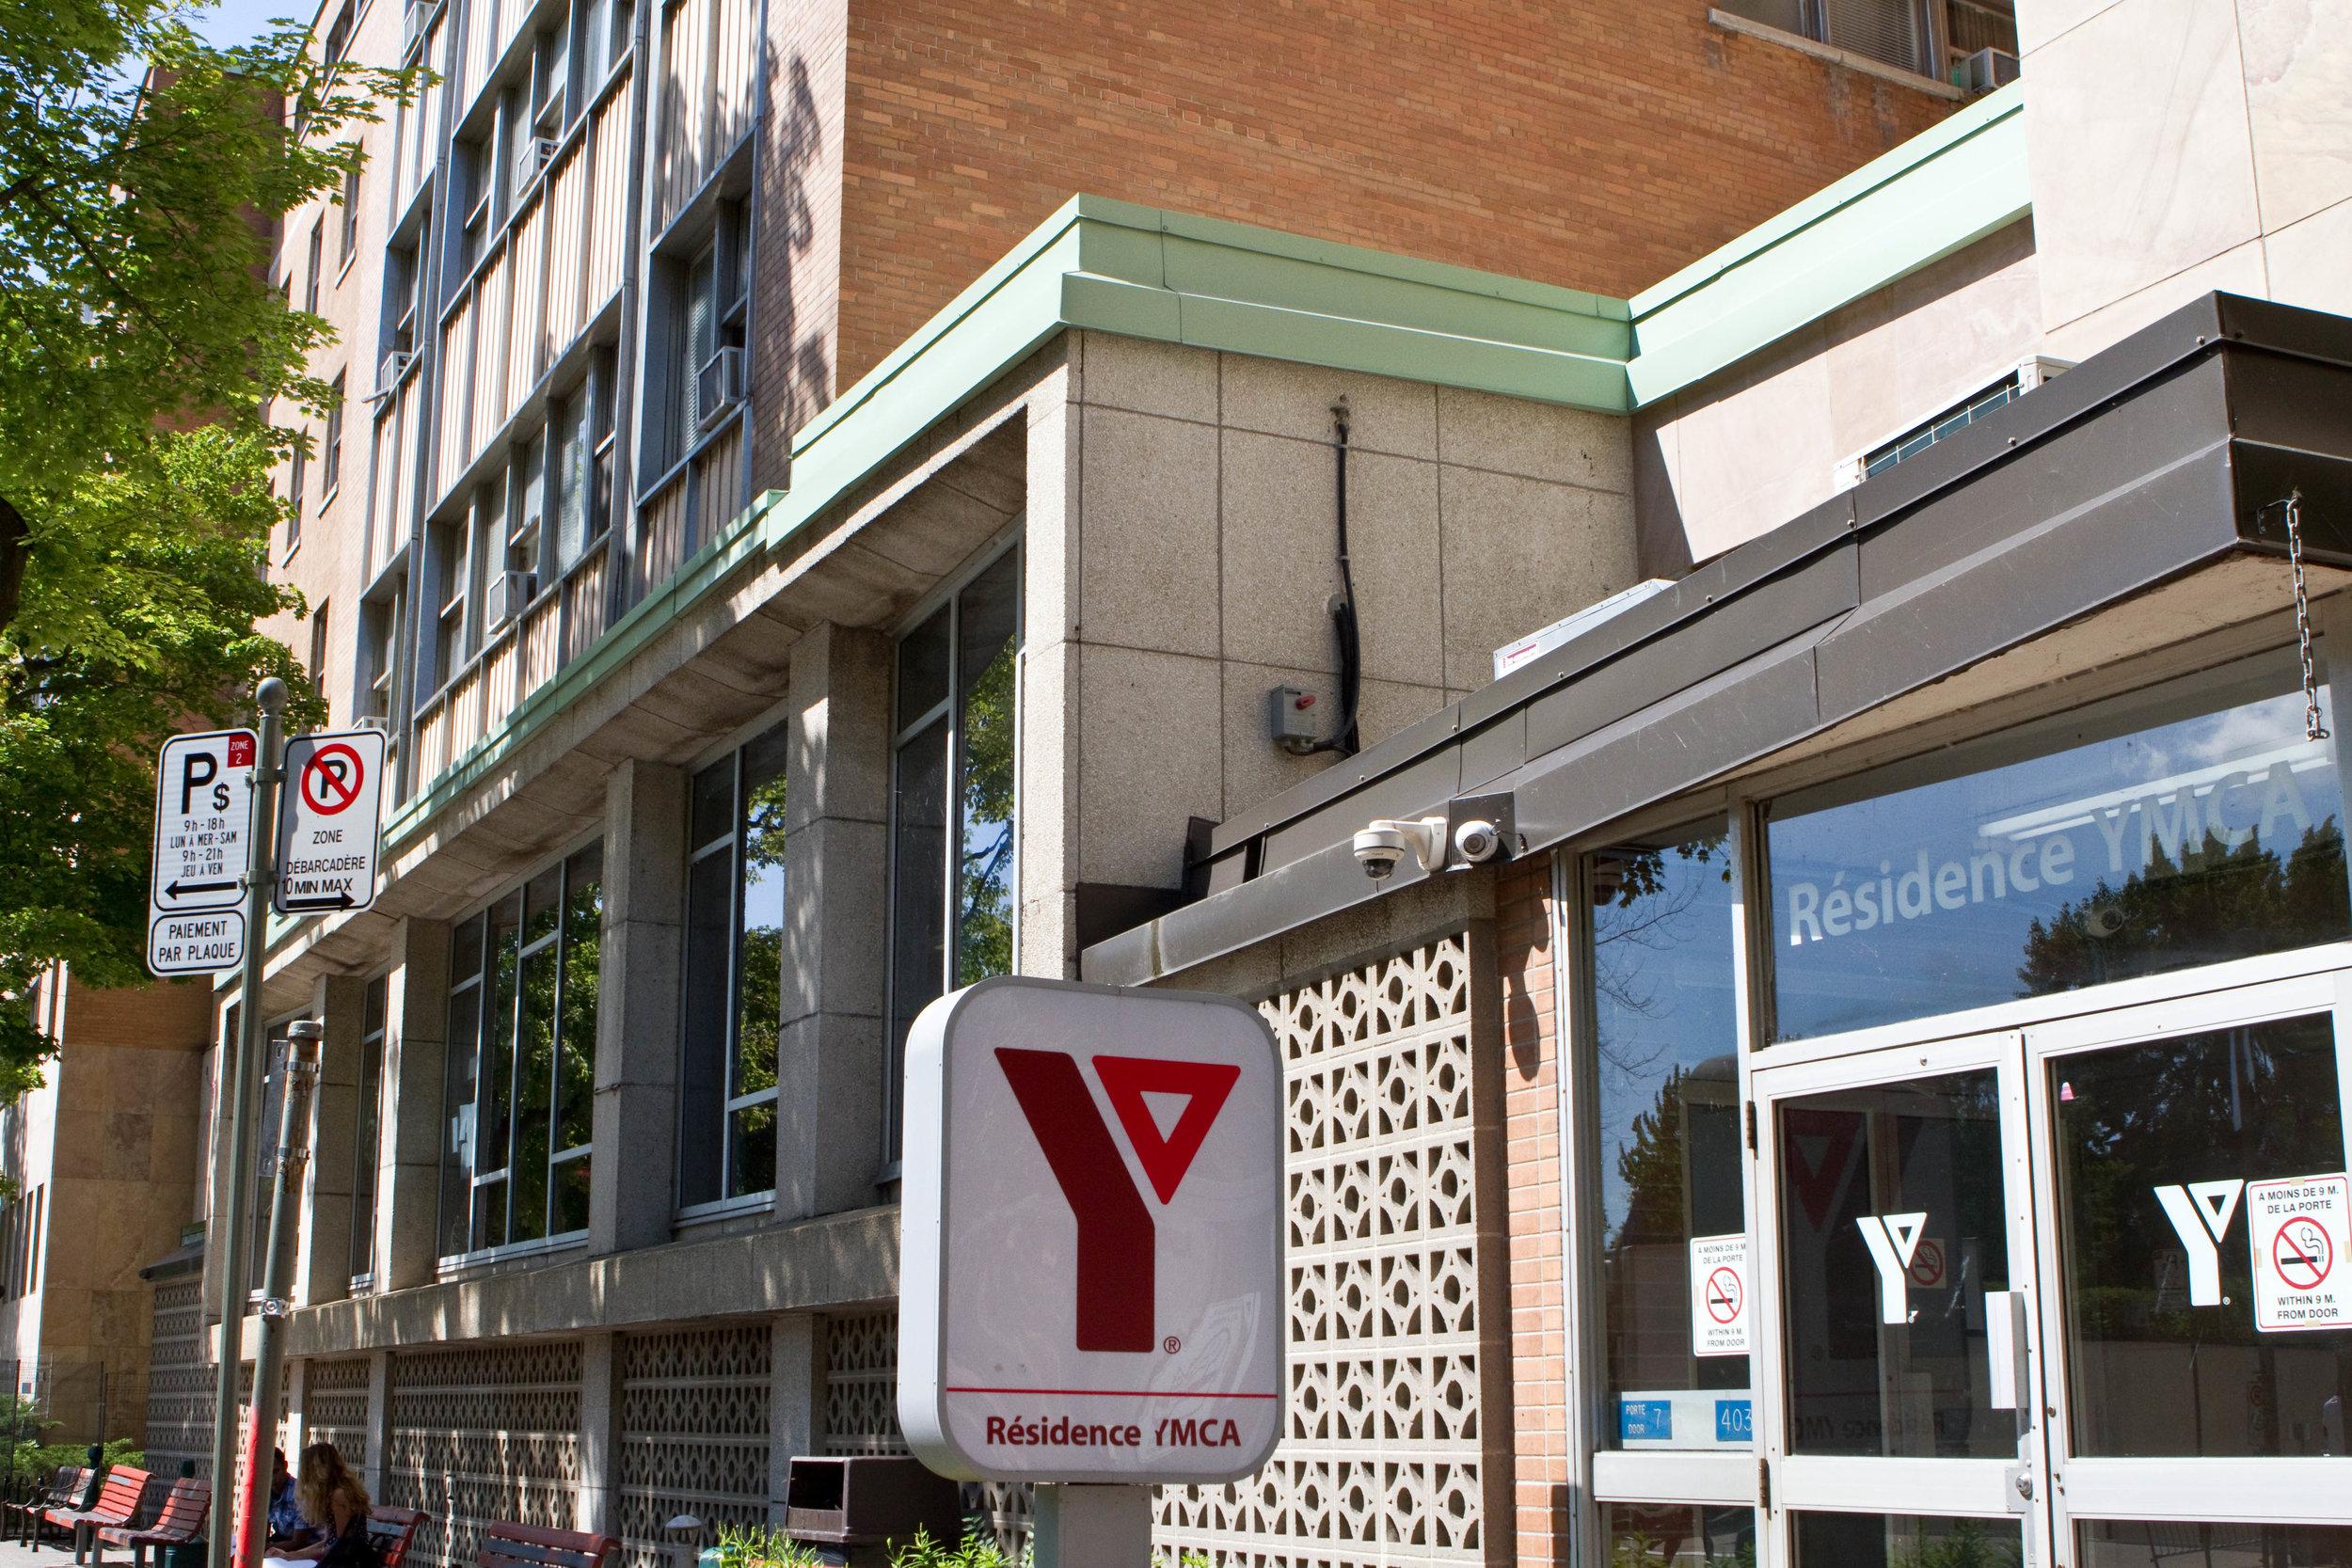 YMCA facade-6260.jpg